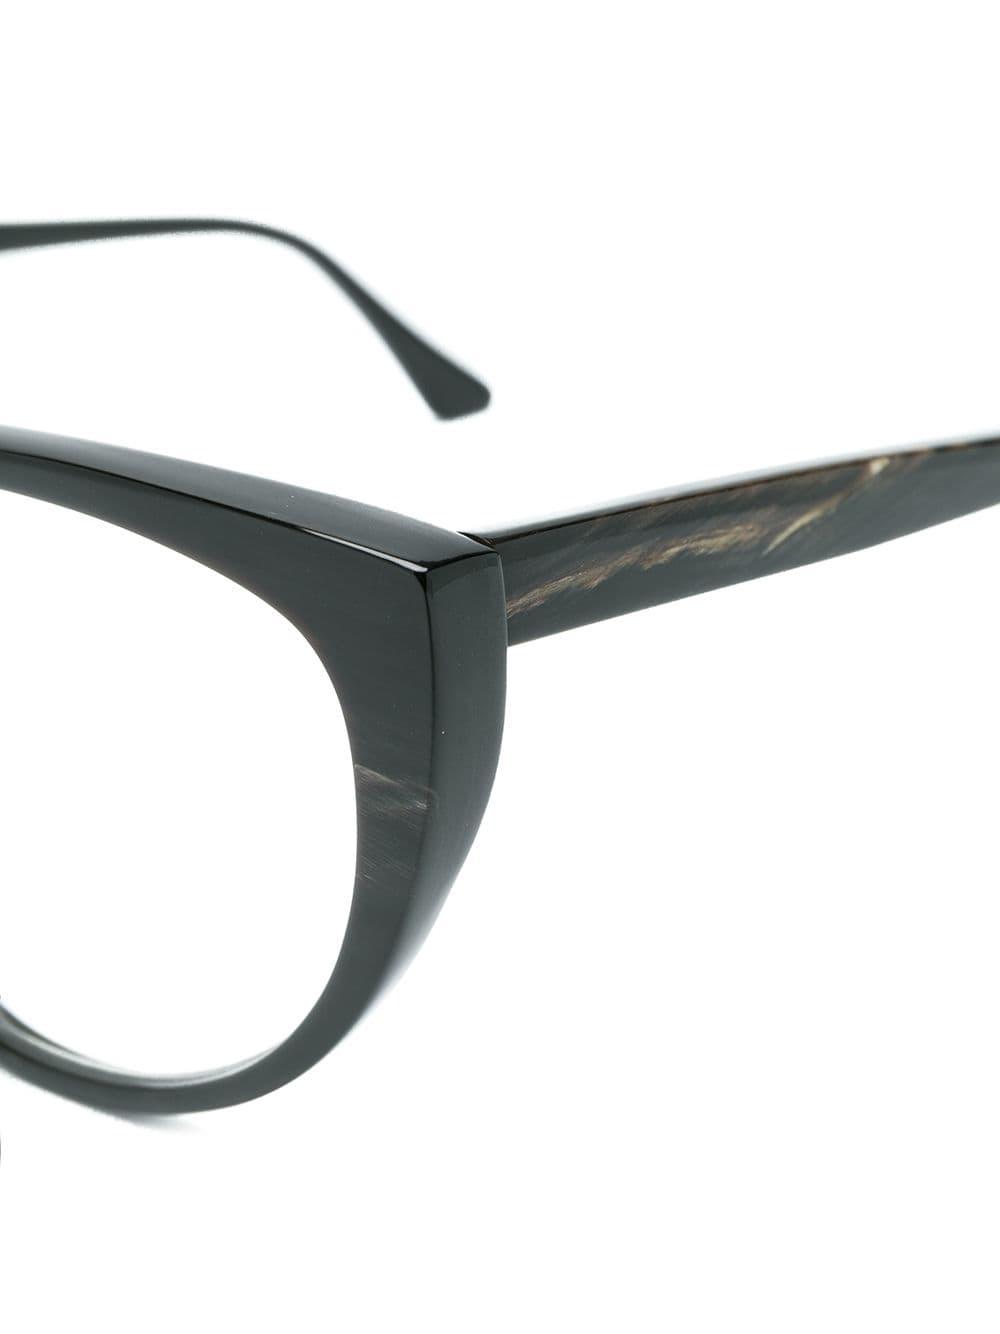 9cecc17704 Gafas - Accesorios y complementos   Buyviu.com